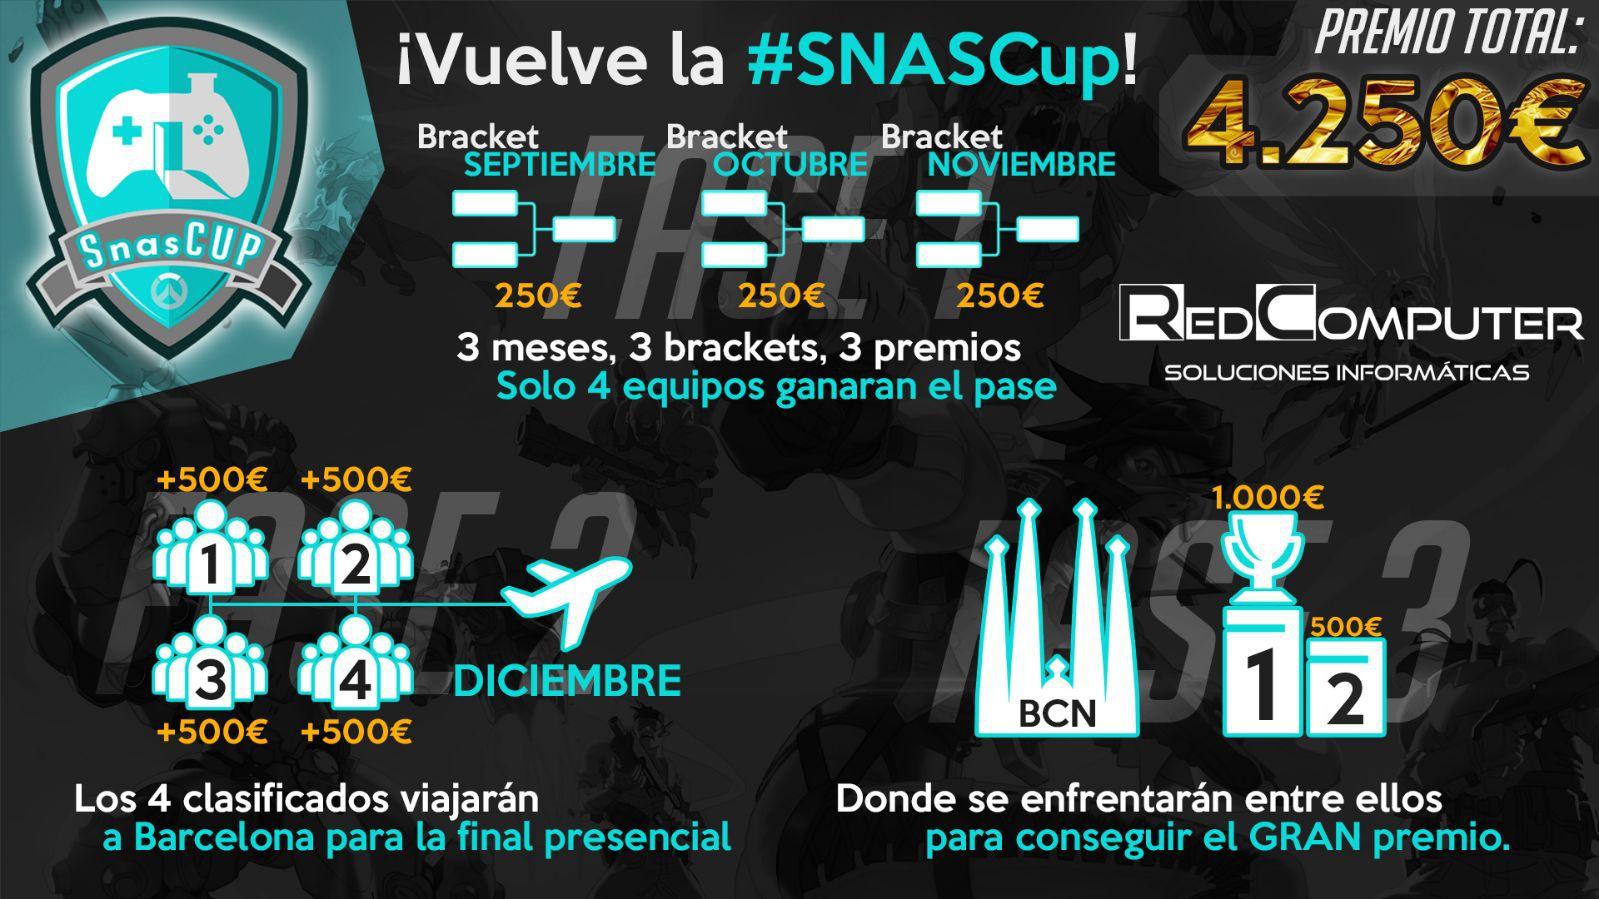 Información y premios de la SnasCUP